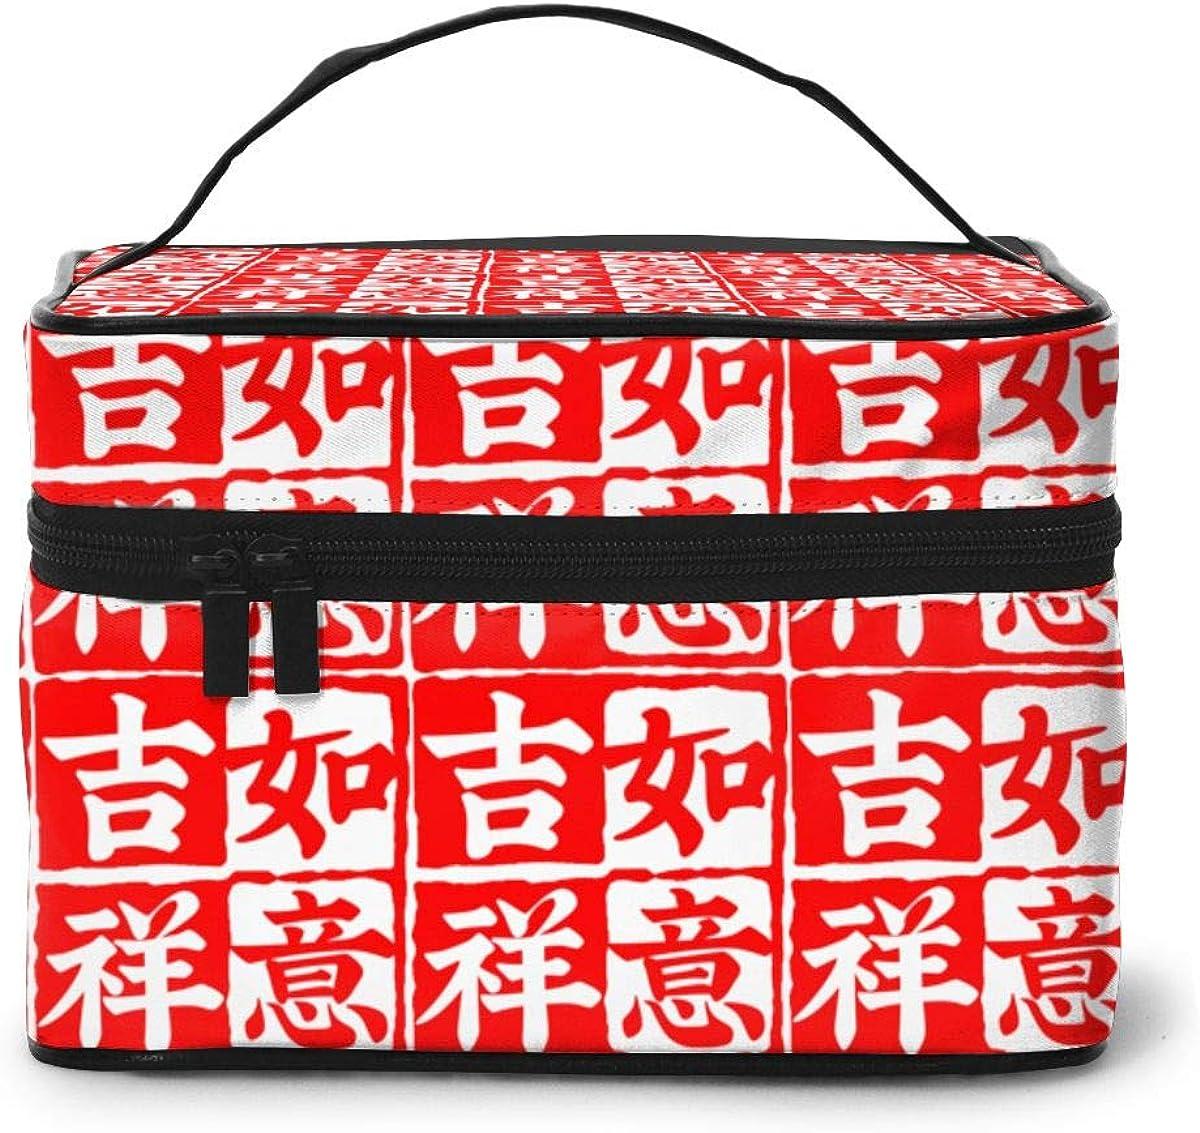 吉祥如意无边 Cosmetic Bag Travel Makeup Portable Storage Case